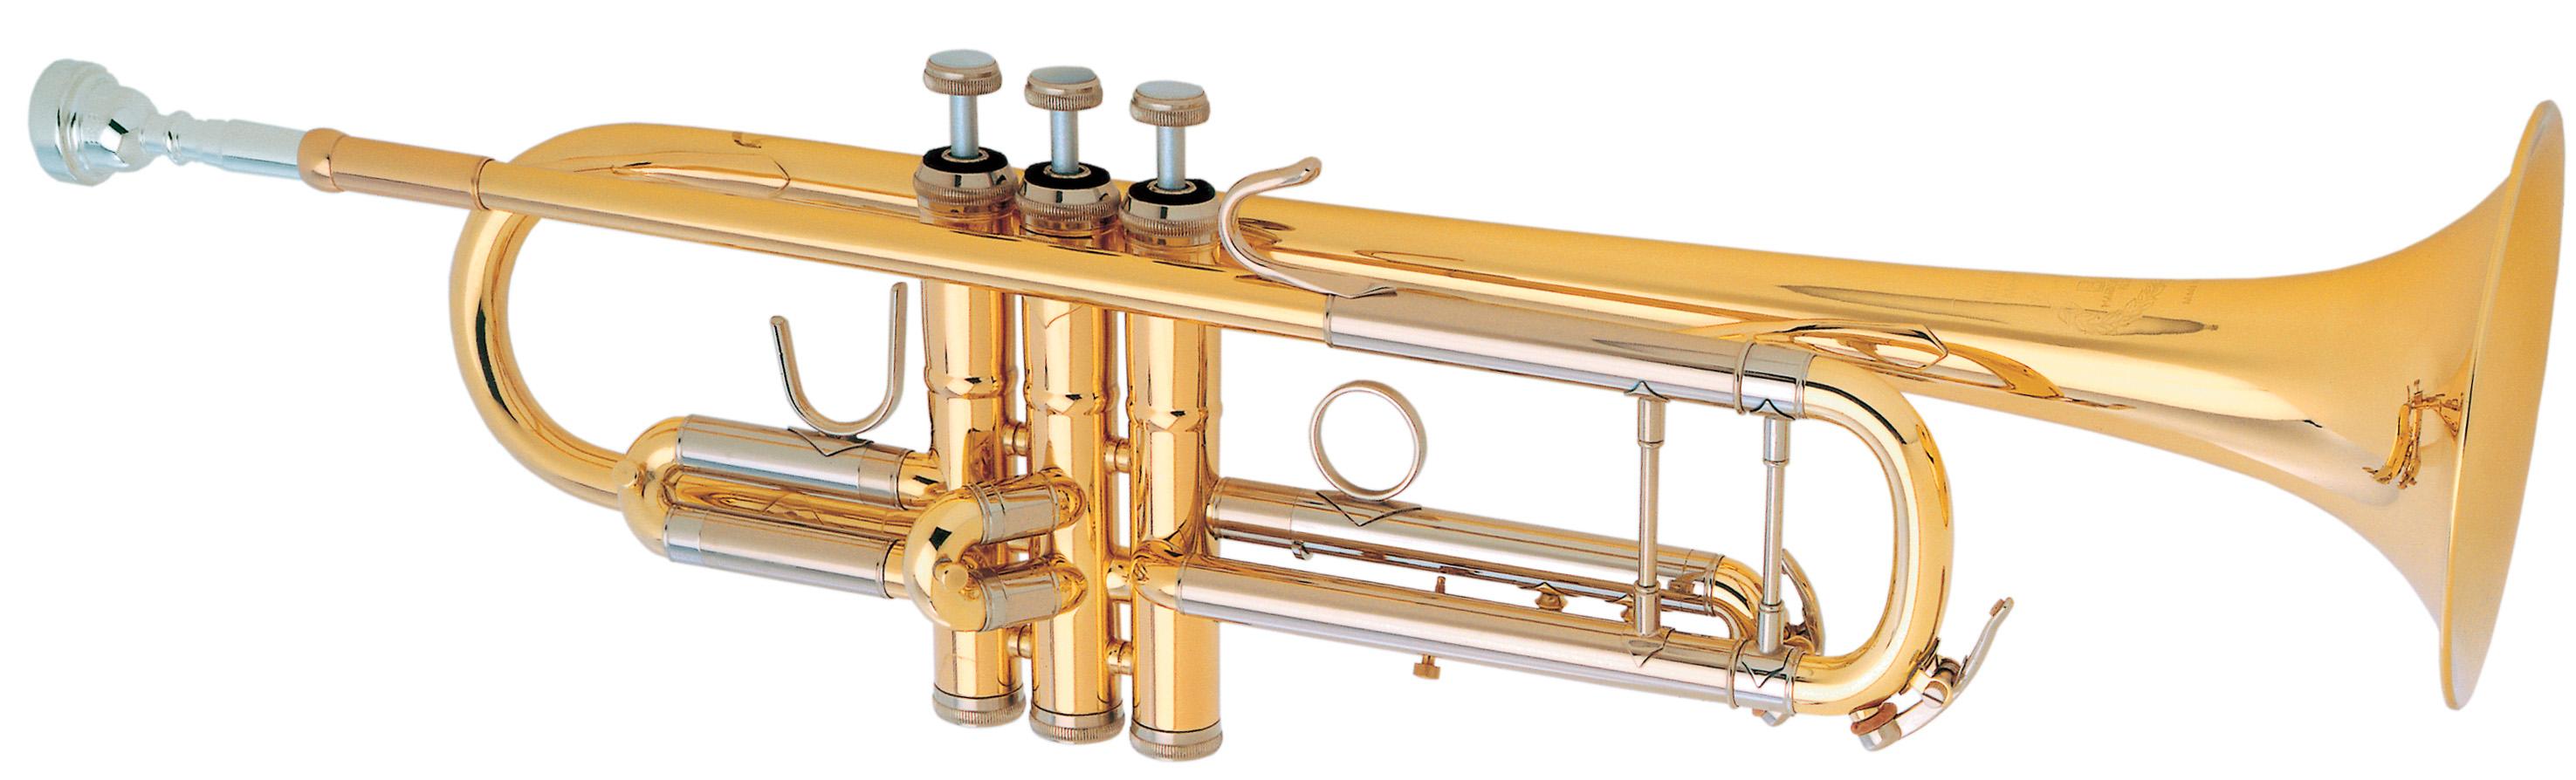 B&S - BS - 31372 - 1 - 0W - Blechblasinstrumente - Trompeten mit Perinet-Ventilen | MUSIK BERTRAM Deutschland Freiburg